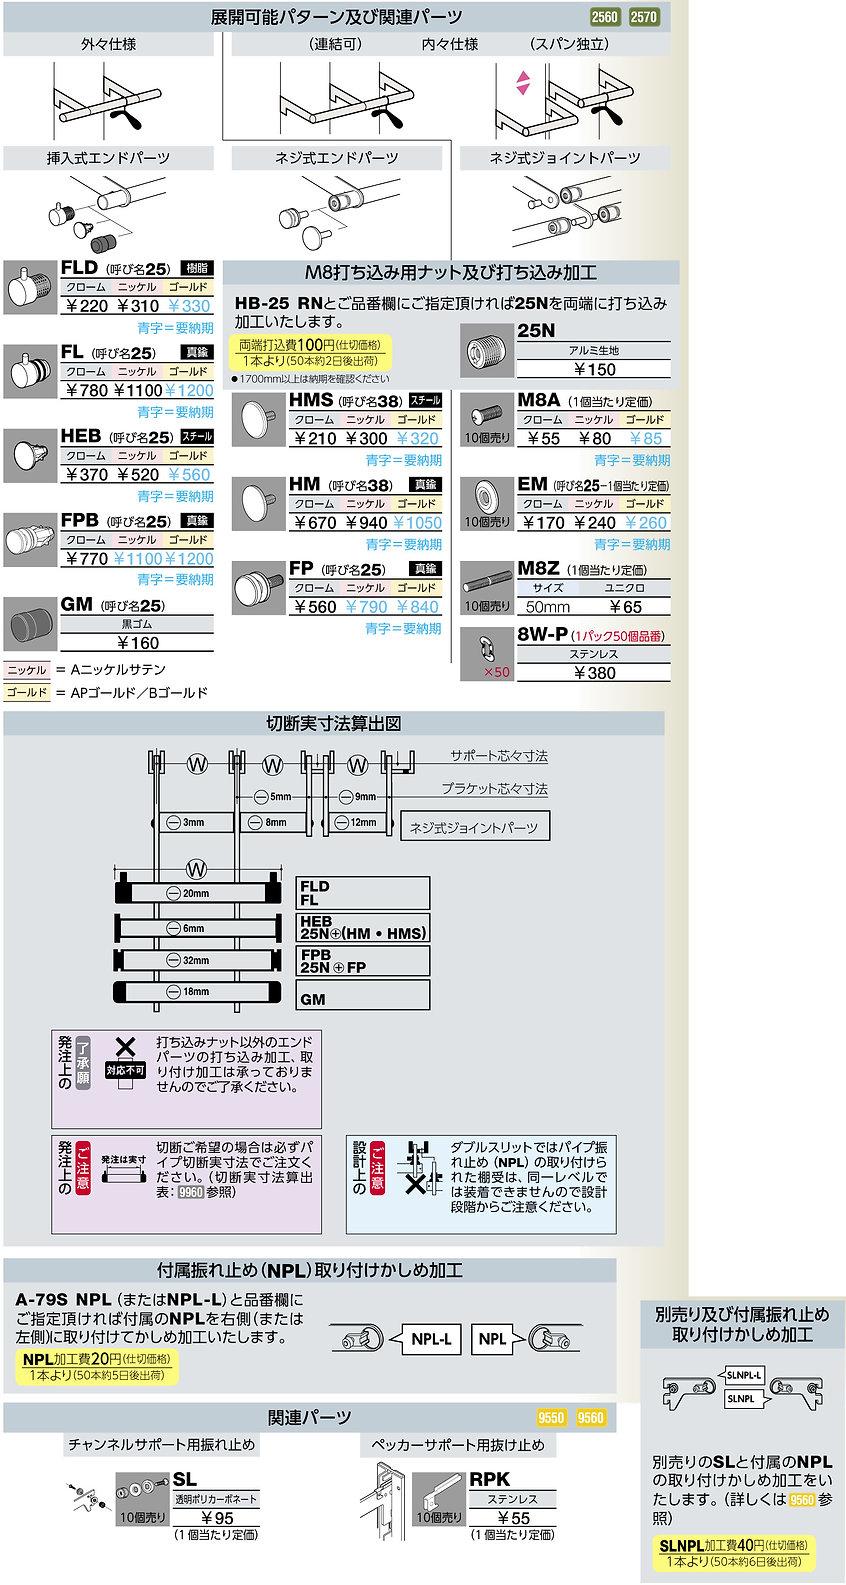 展開可能パターン及び関連A-7.jpg